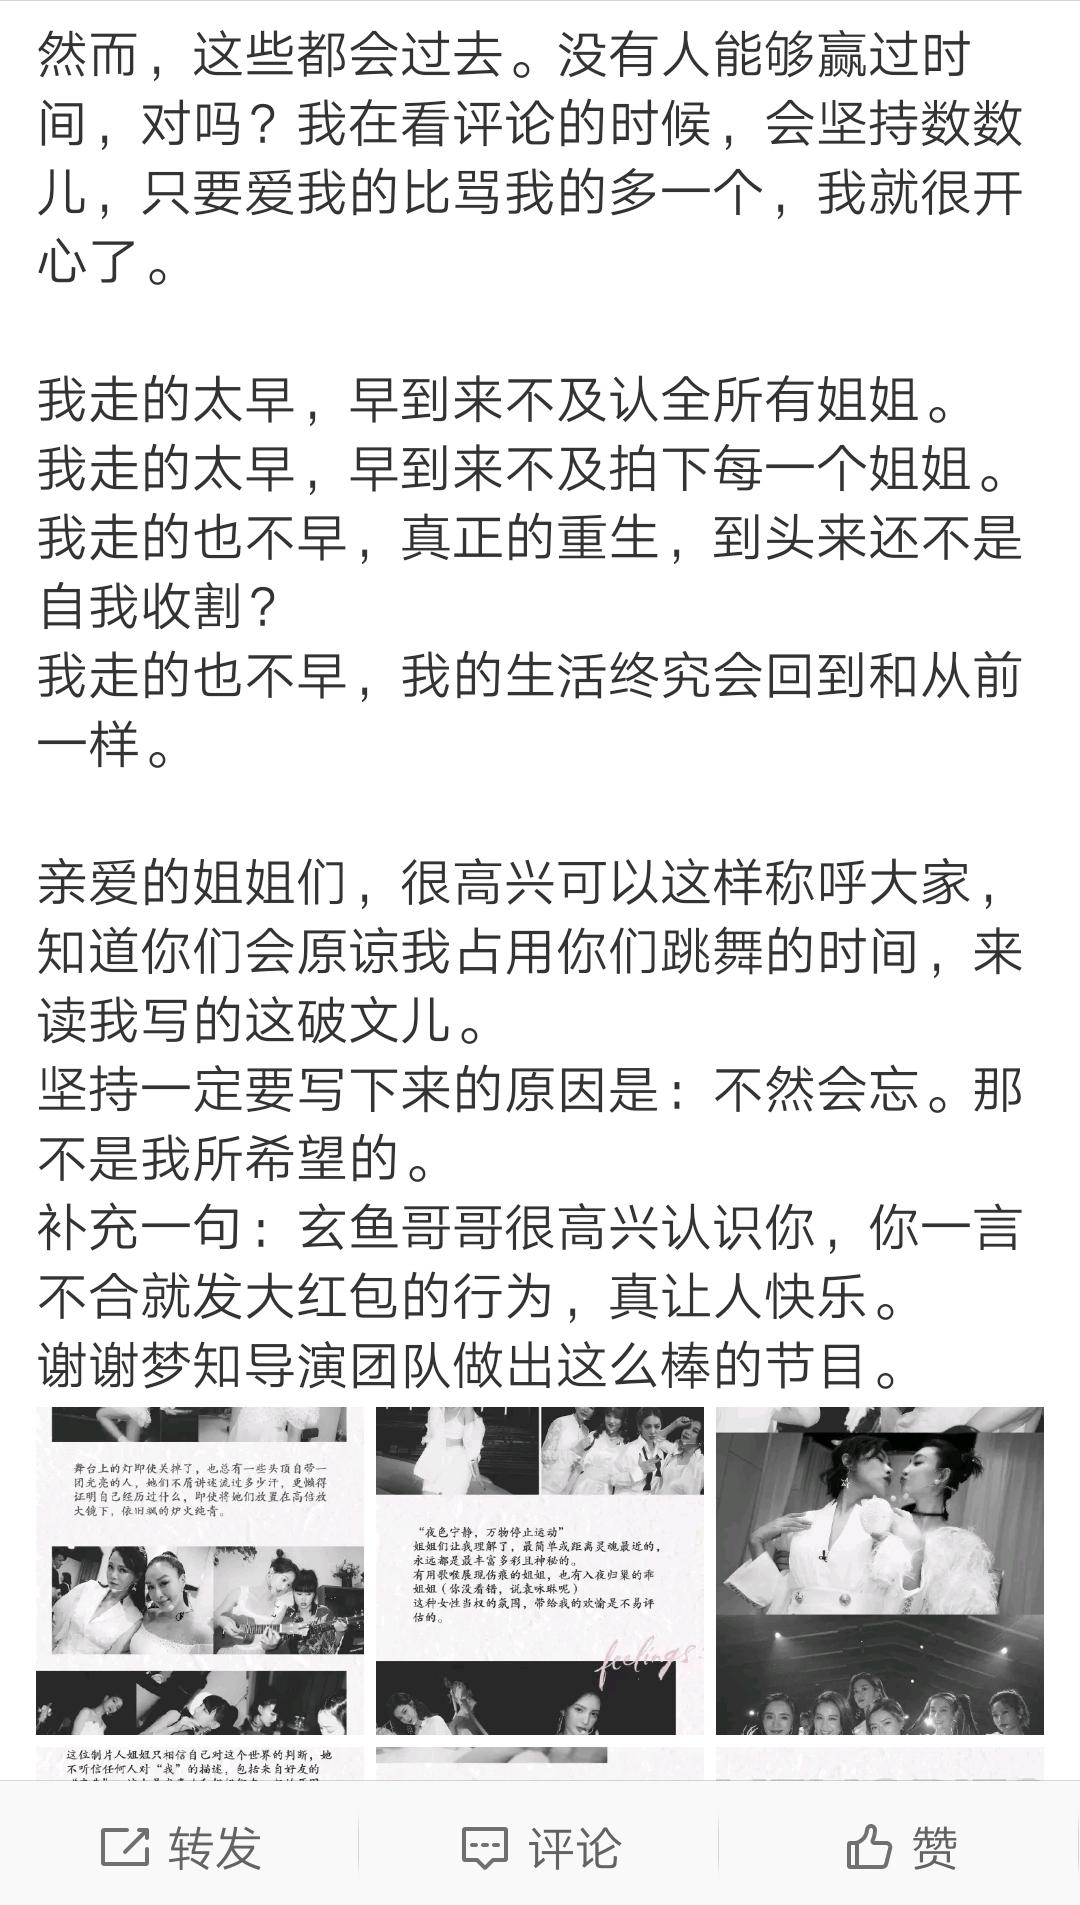 尴尬!《艾瑞巴蒂》组又加戏,配合丁当表演的黄圣依刘芸太难了